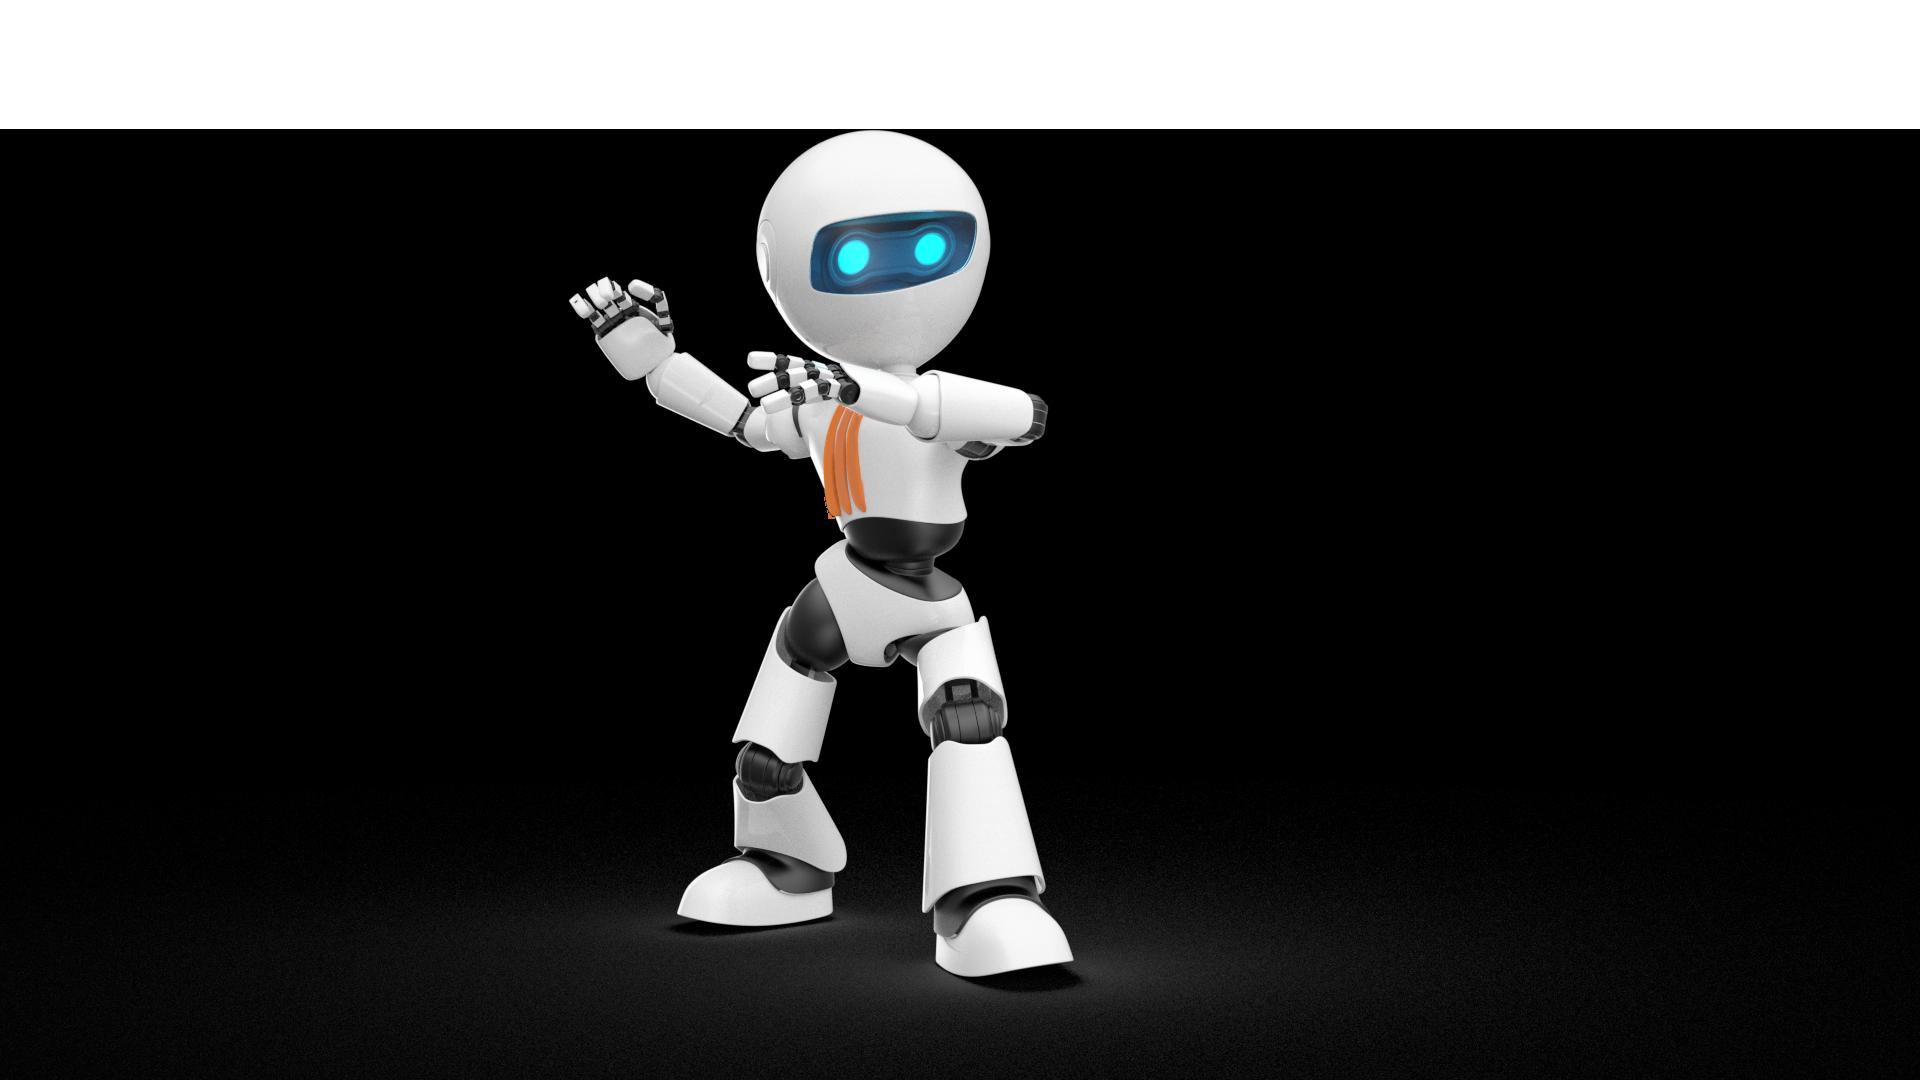 robot 123autoservices